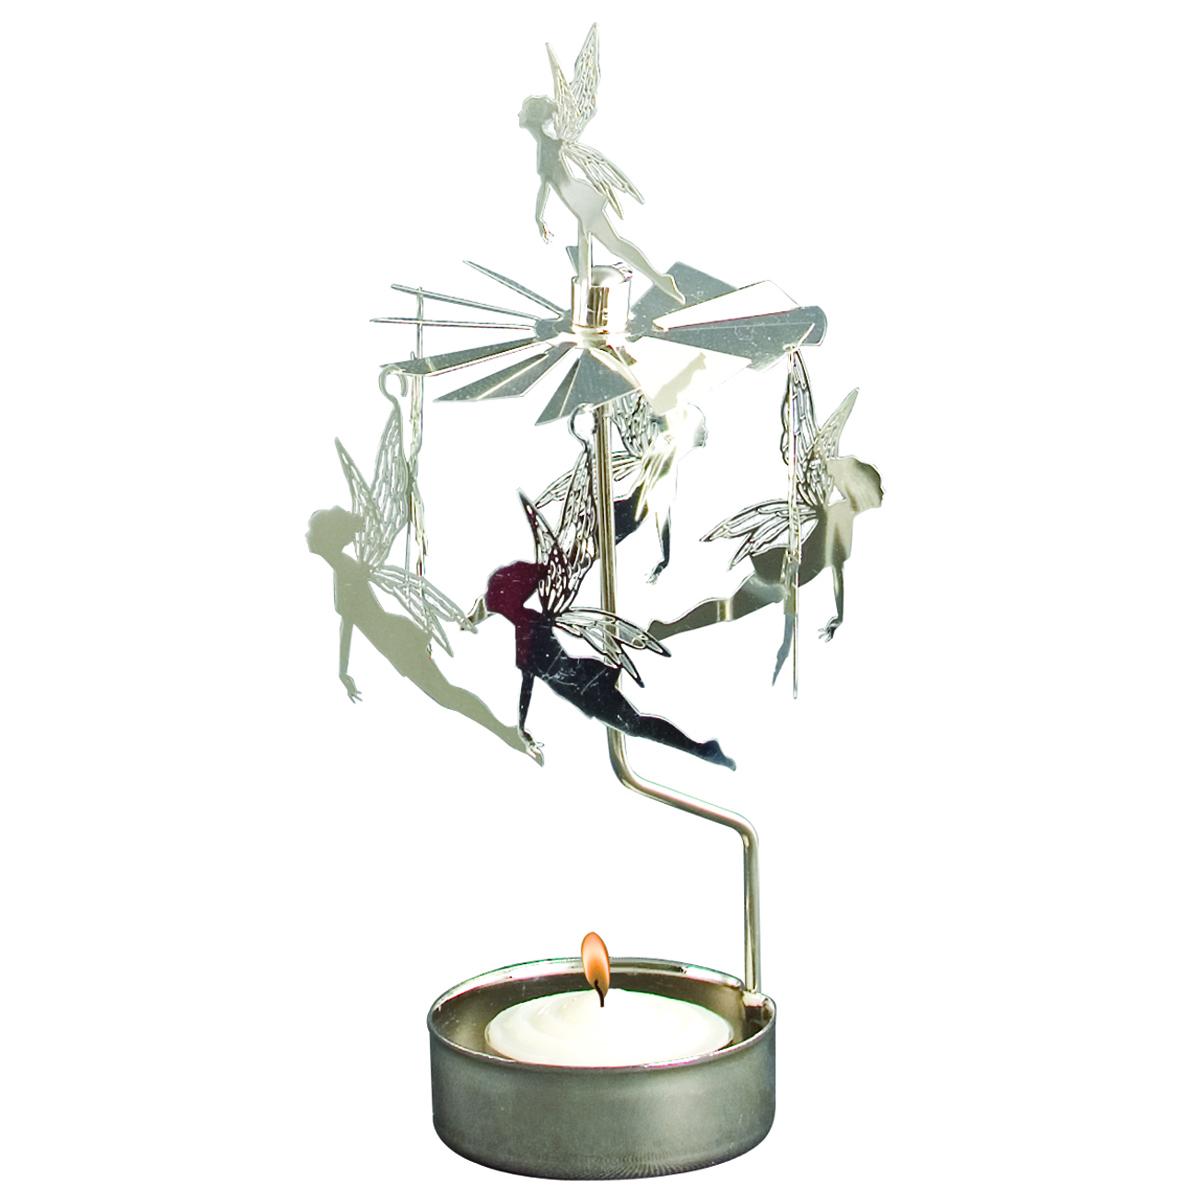 Bougeoir carrousel métal \'Fairy Dreams\' argenté - 16x65 cm - [R0551]